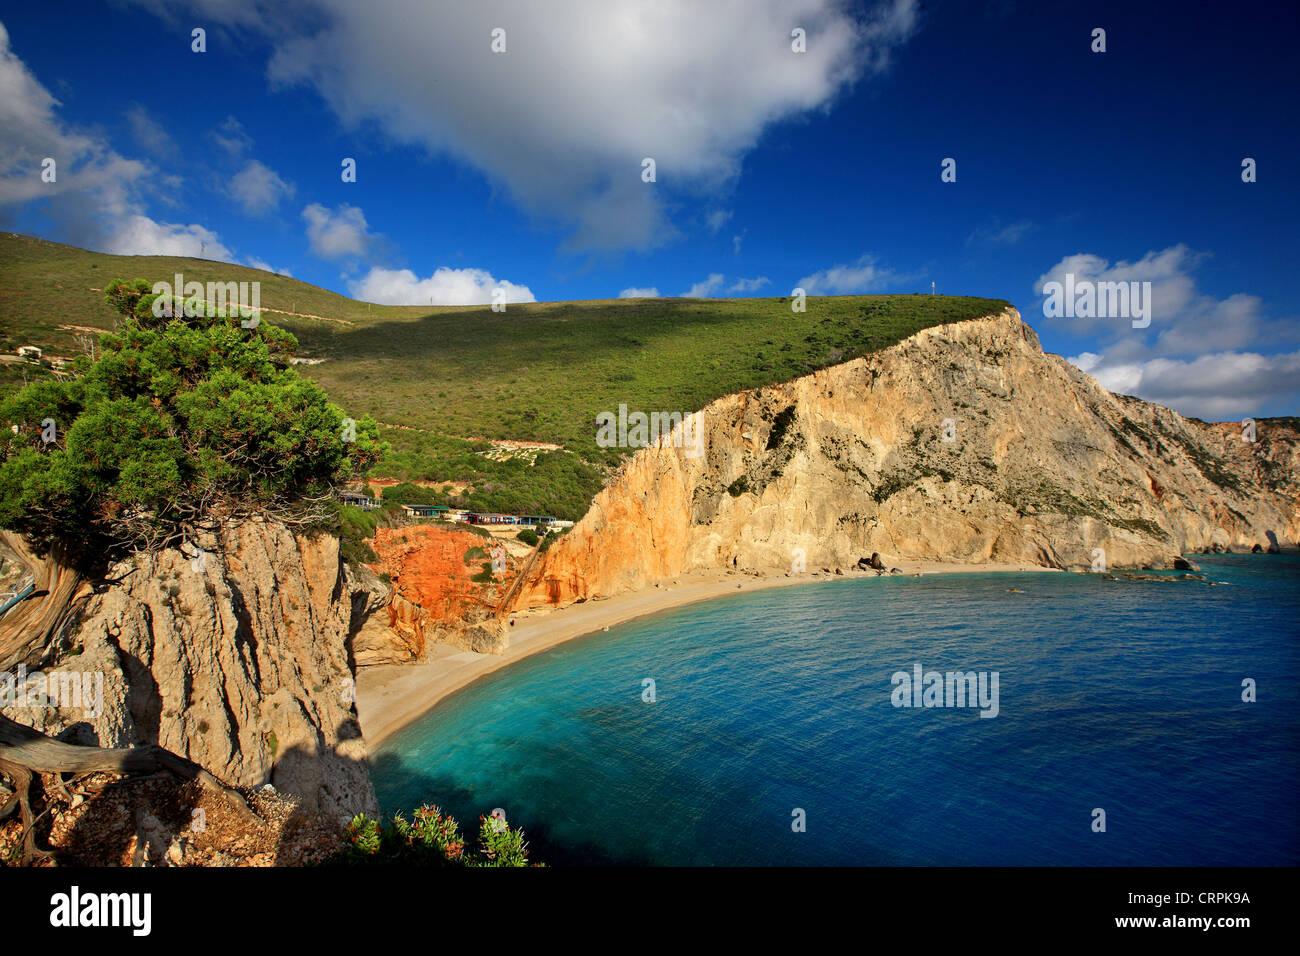 """Célèbre plage de Porto Katsiki ('off season'), Leucade (ou 'Athènes'), île de la mer Ionienne, l'Eptanisa (même """"îles""""), Grèce Banque D'Images"""